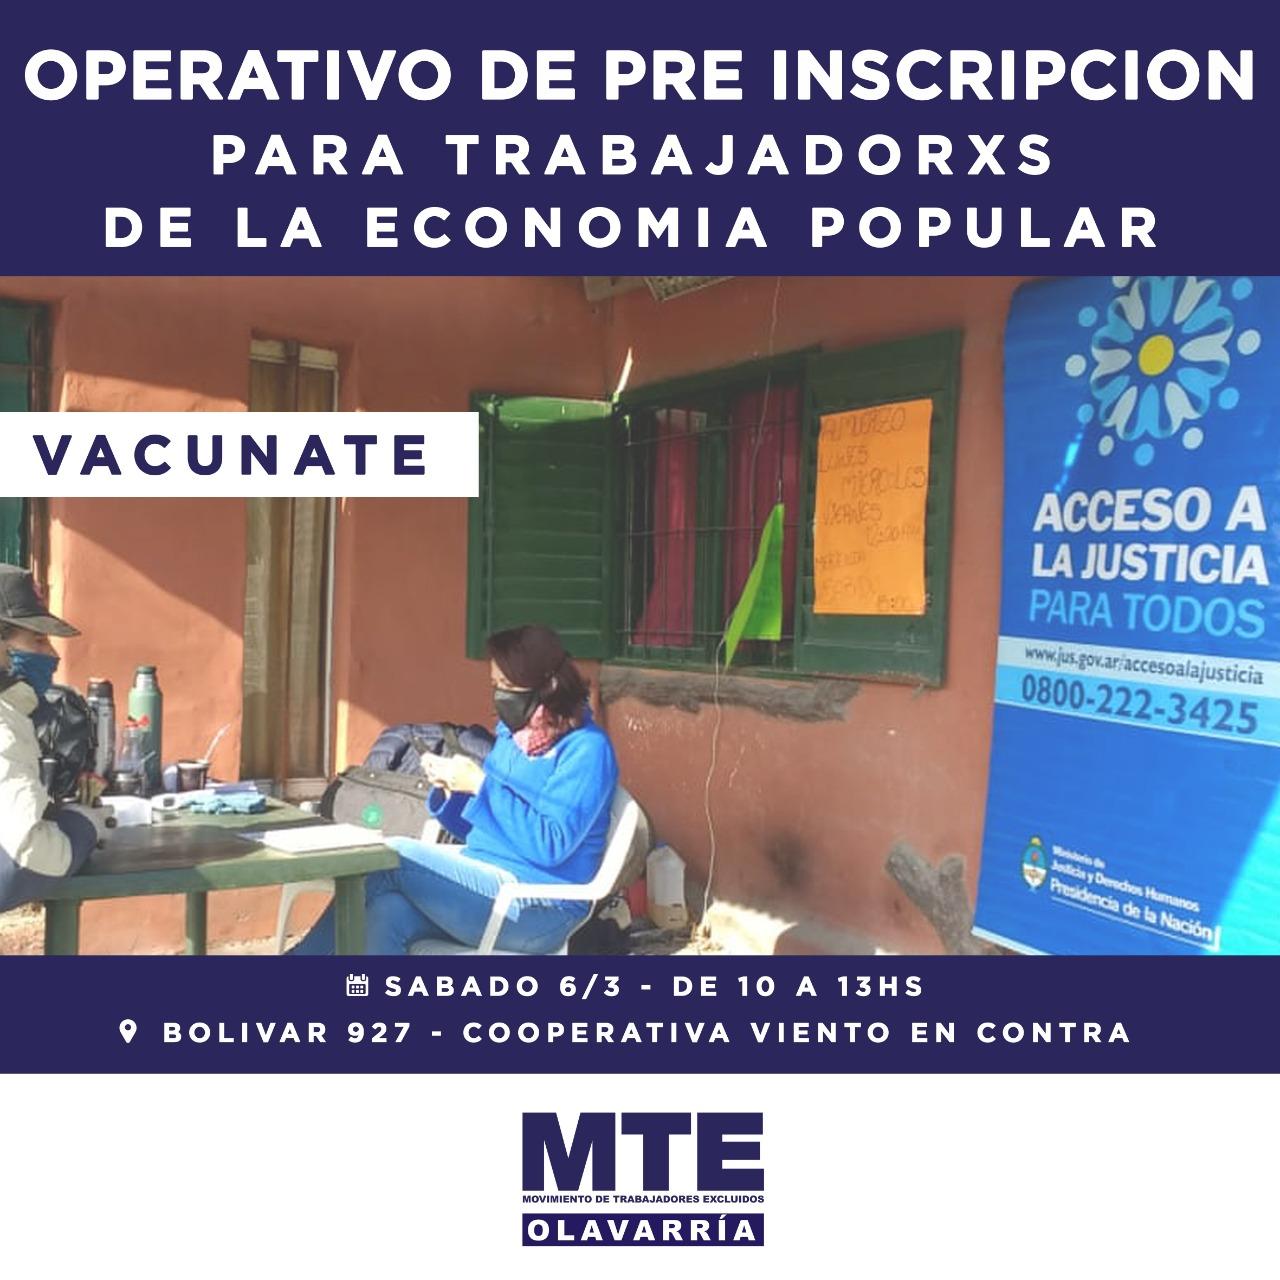 Vacunación COVID: Preinscripción para trabajadores de la economía popular